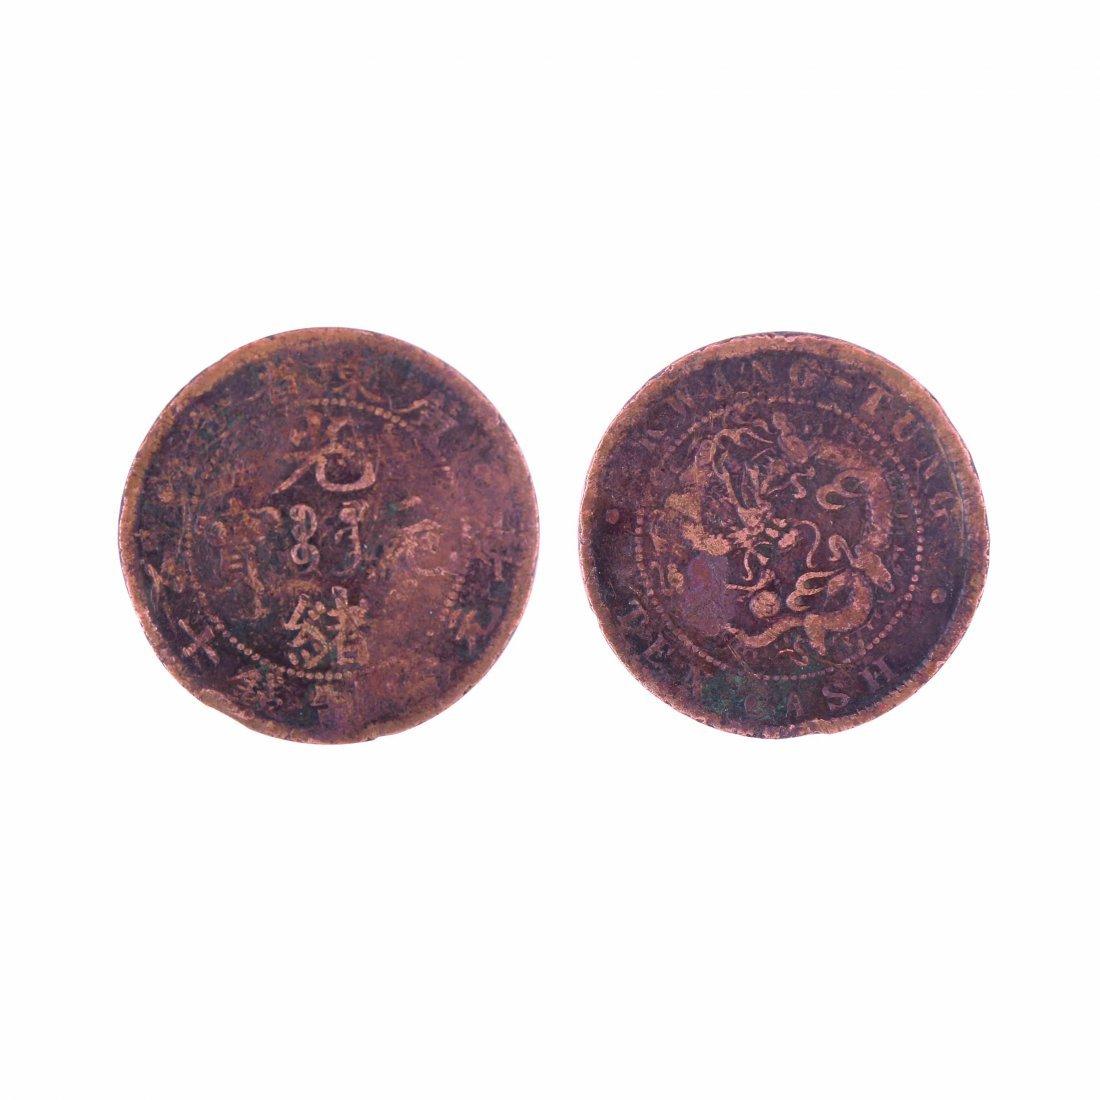 Guangxu Bronze Coin Canton Mint